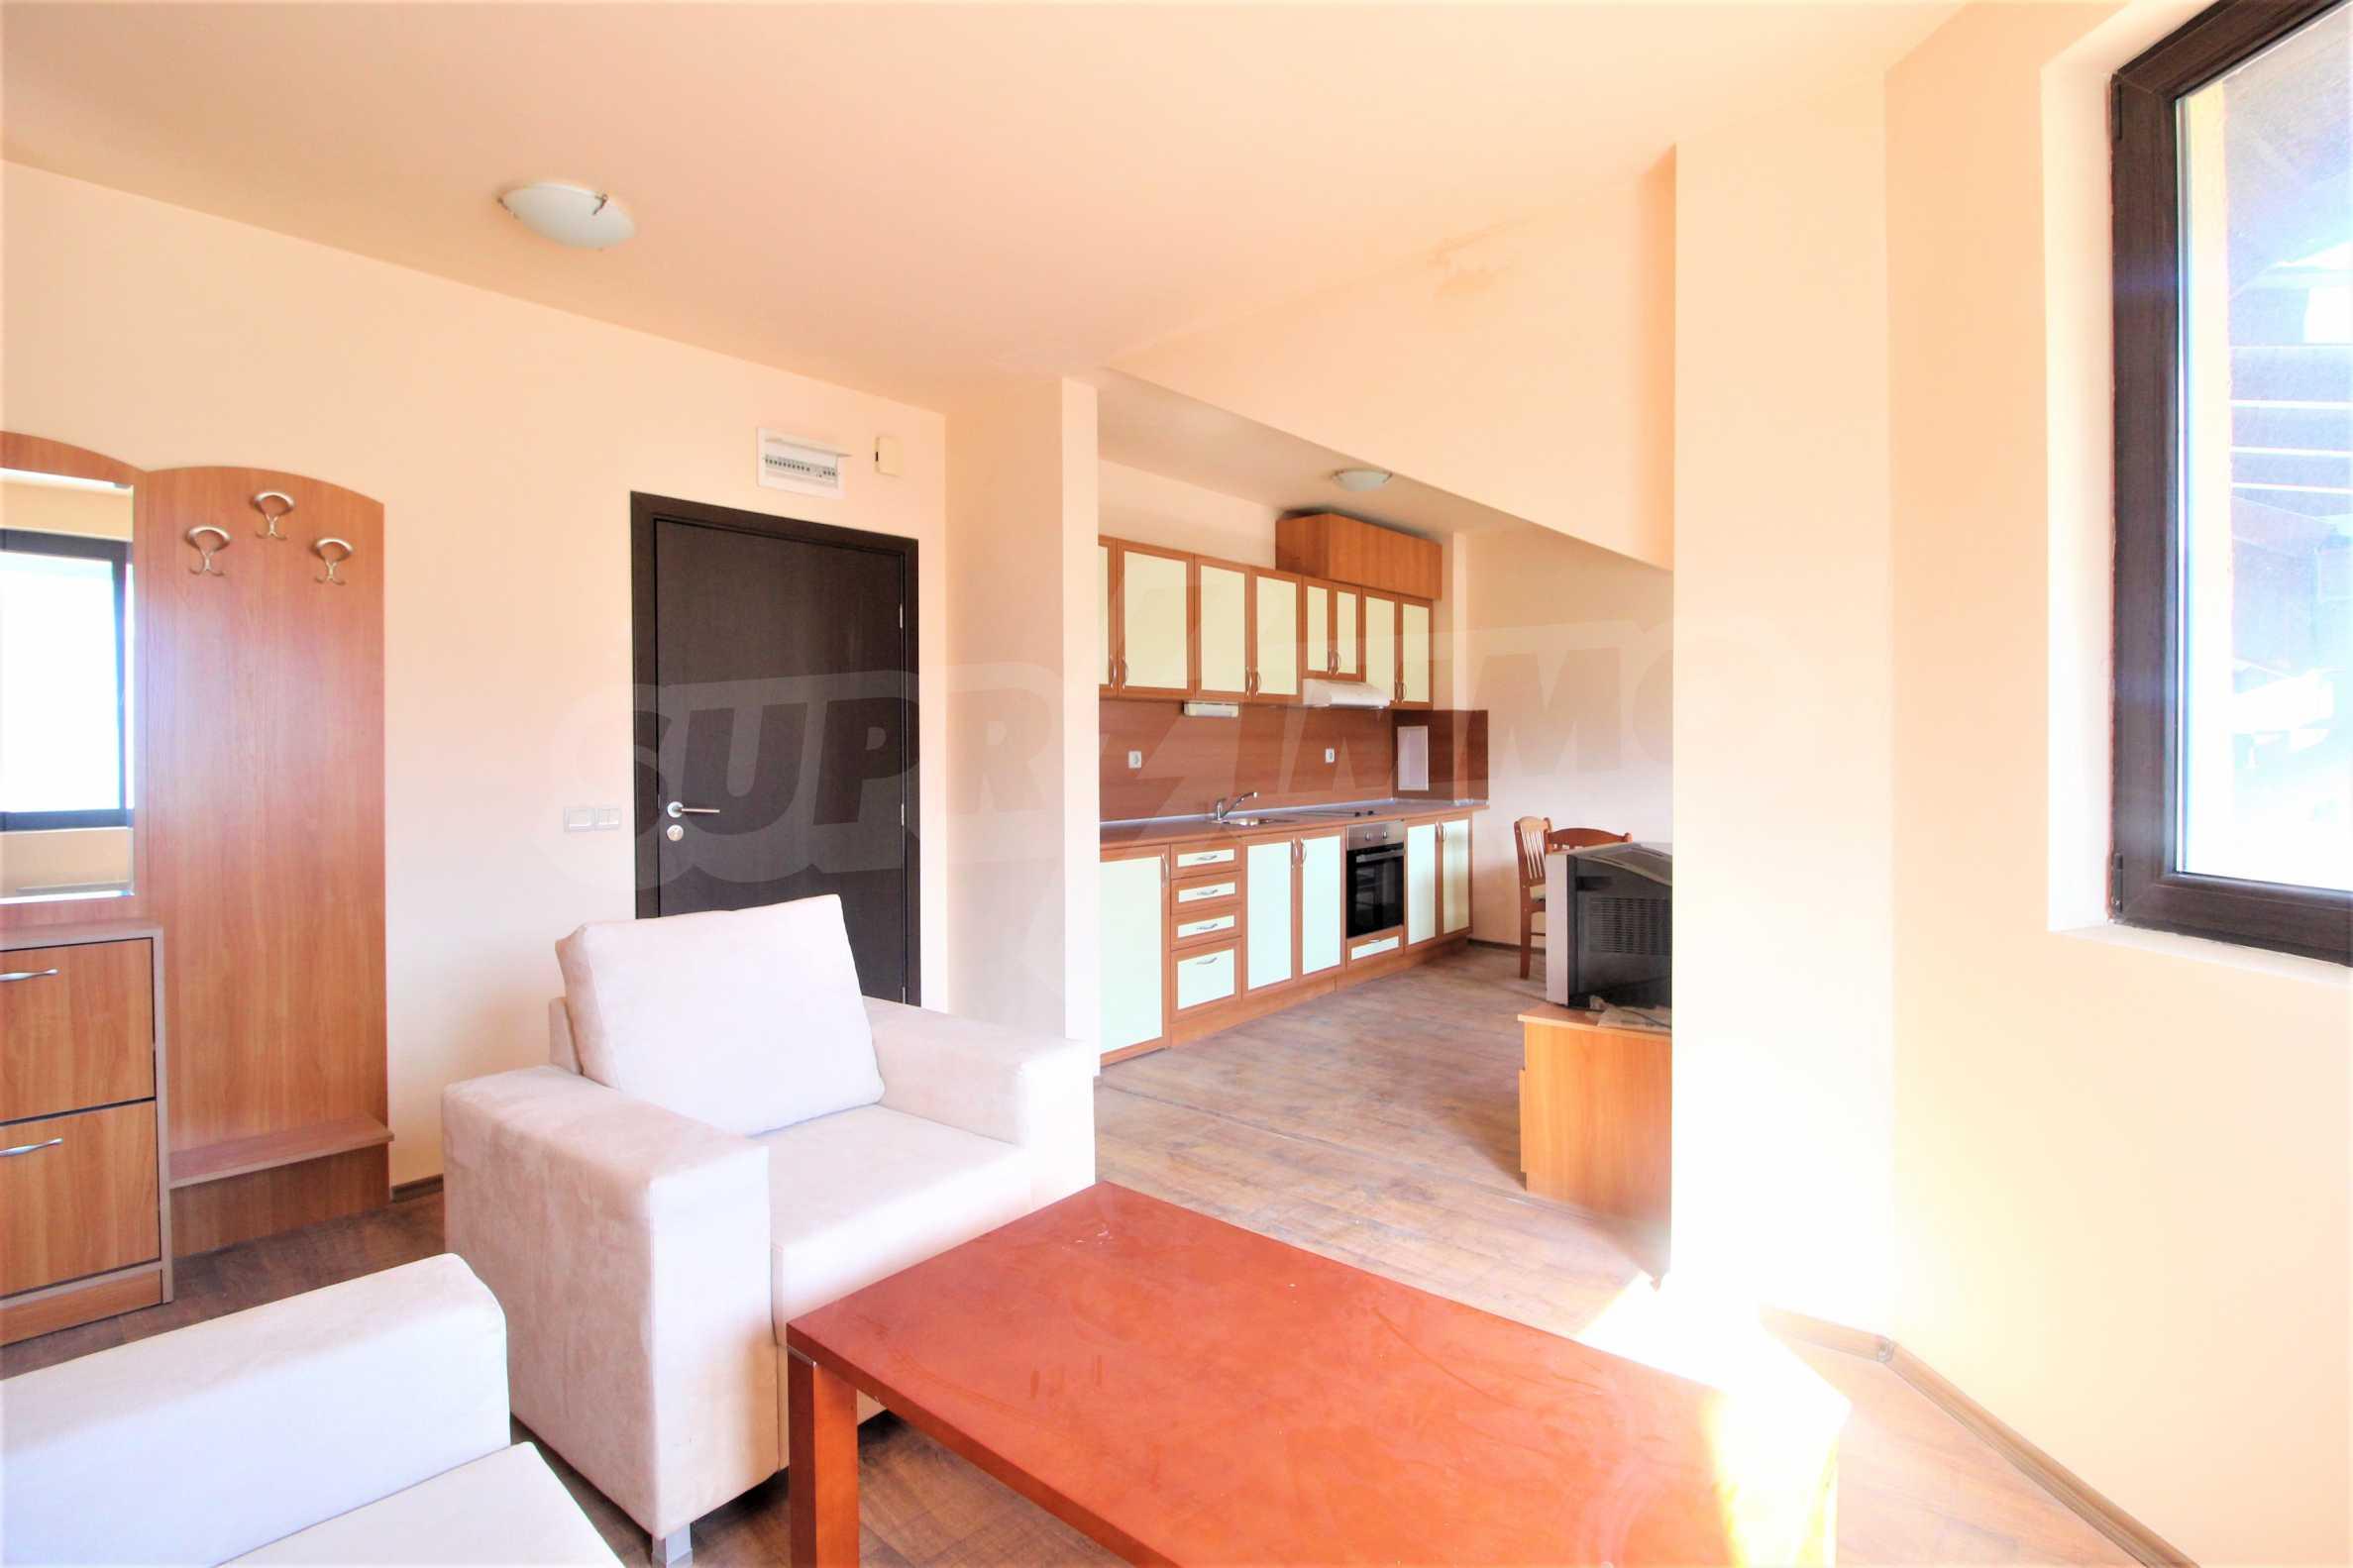 Удобен двустаен апартамент в гр. Банско 2